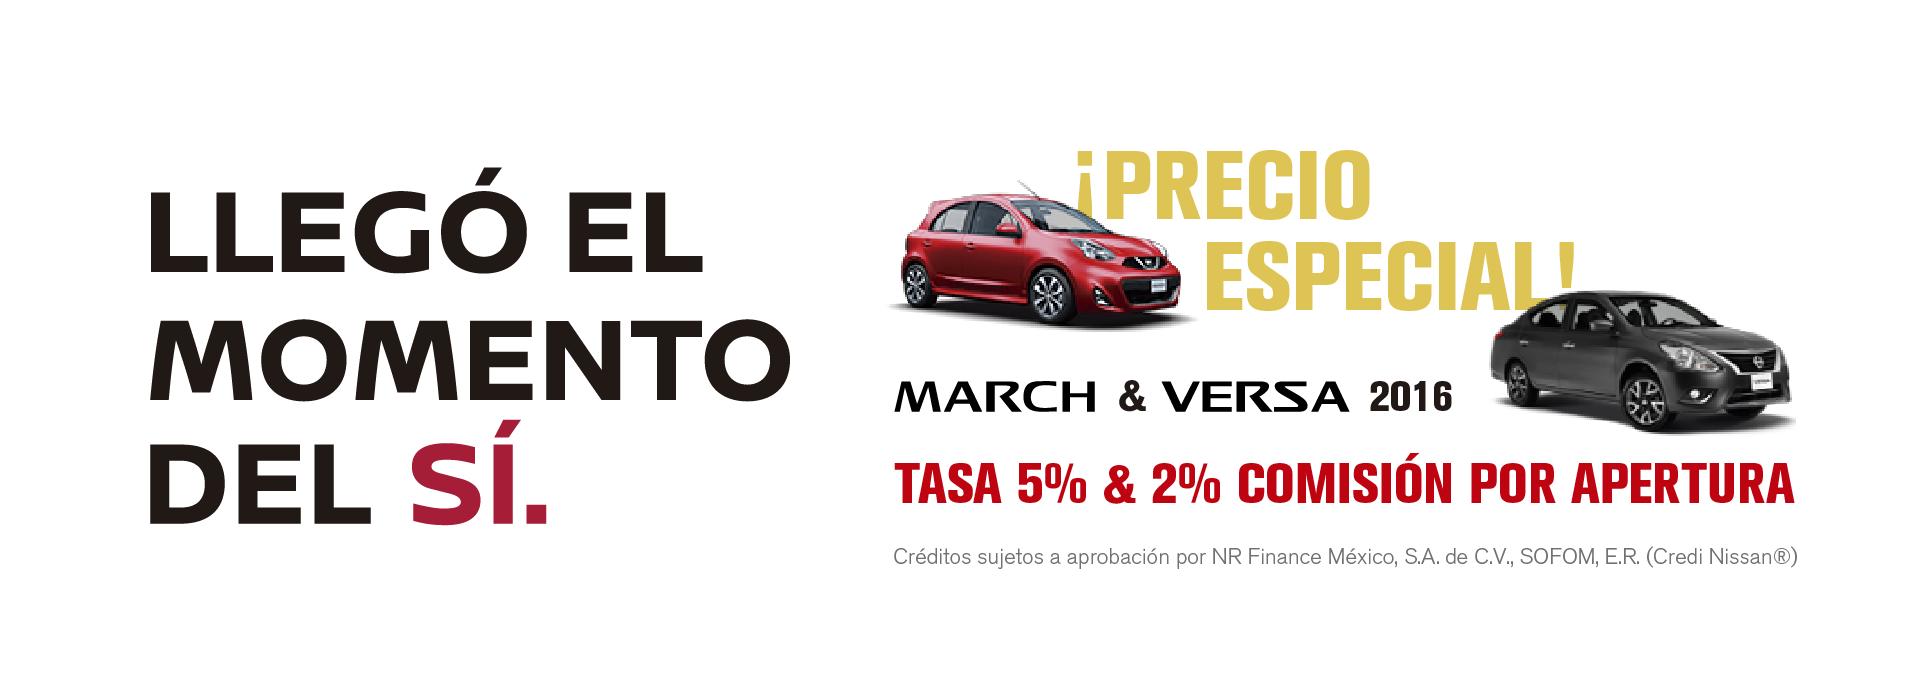 Llegó el Momento del Sí Nissan Mega Toluca Zinacantepec Almoloya March Versa 2016 Tasa 5% 2% Comisión por Apertura